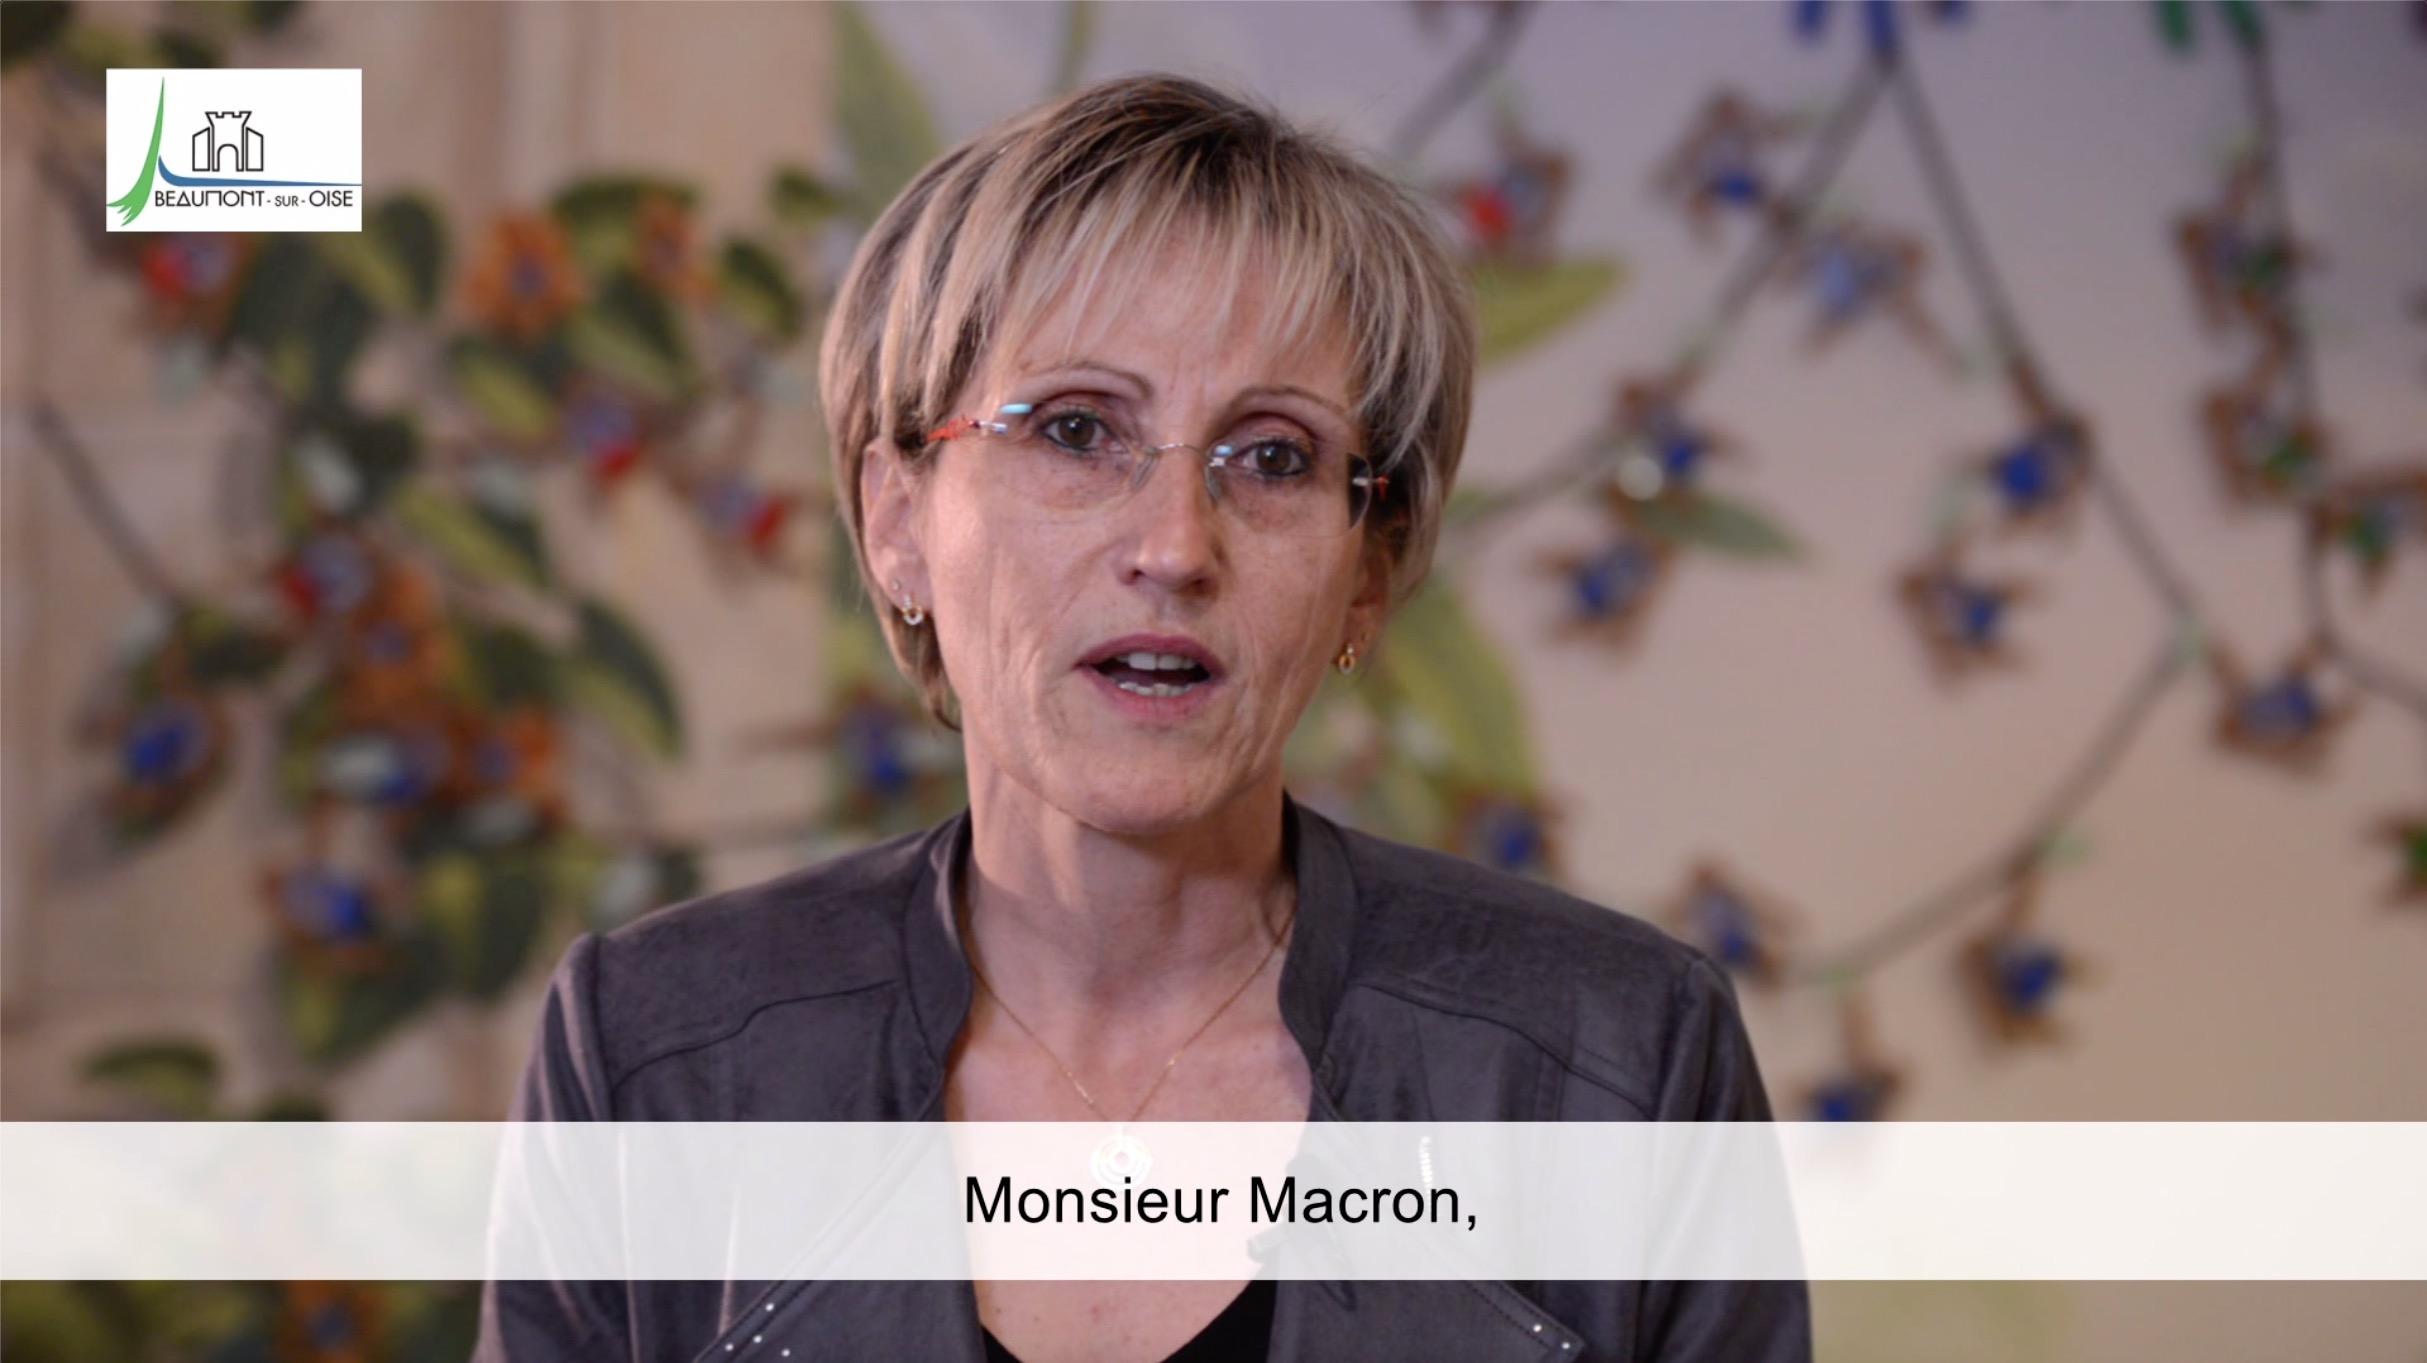 Non au plan de restructuration de l'hôpital de Beaumont-sur-Oise